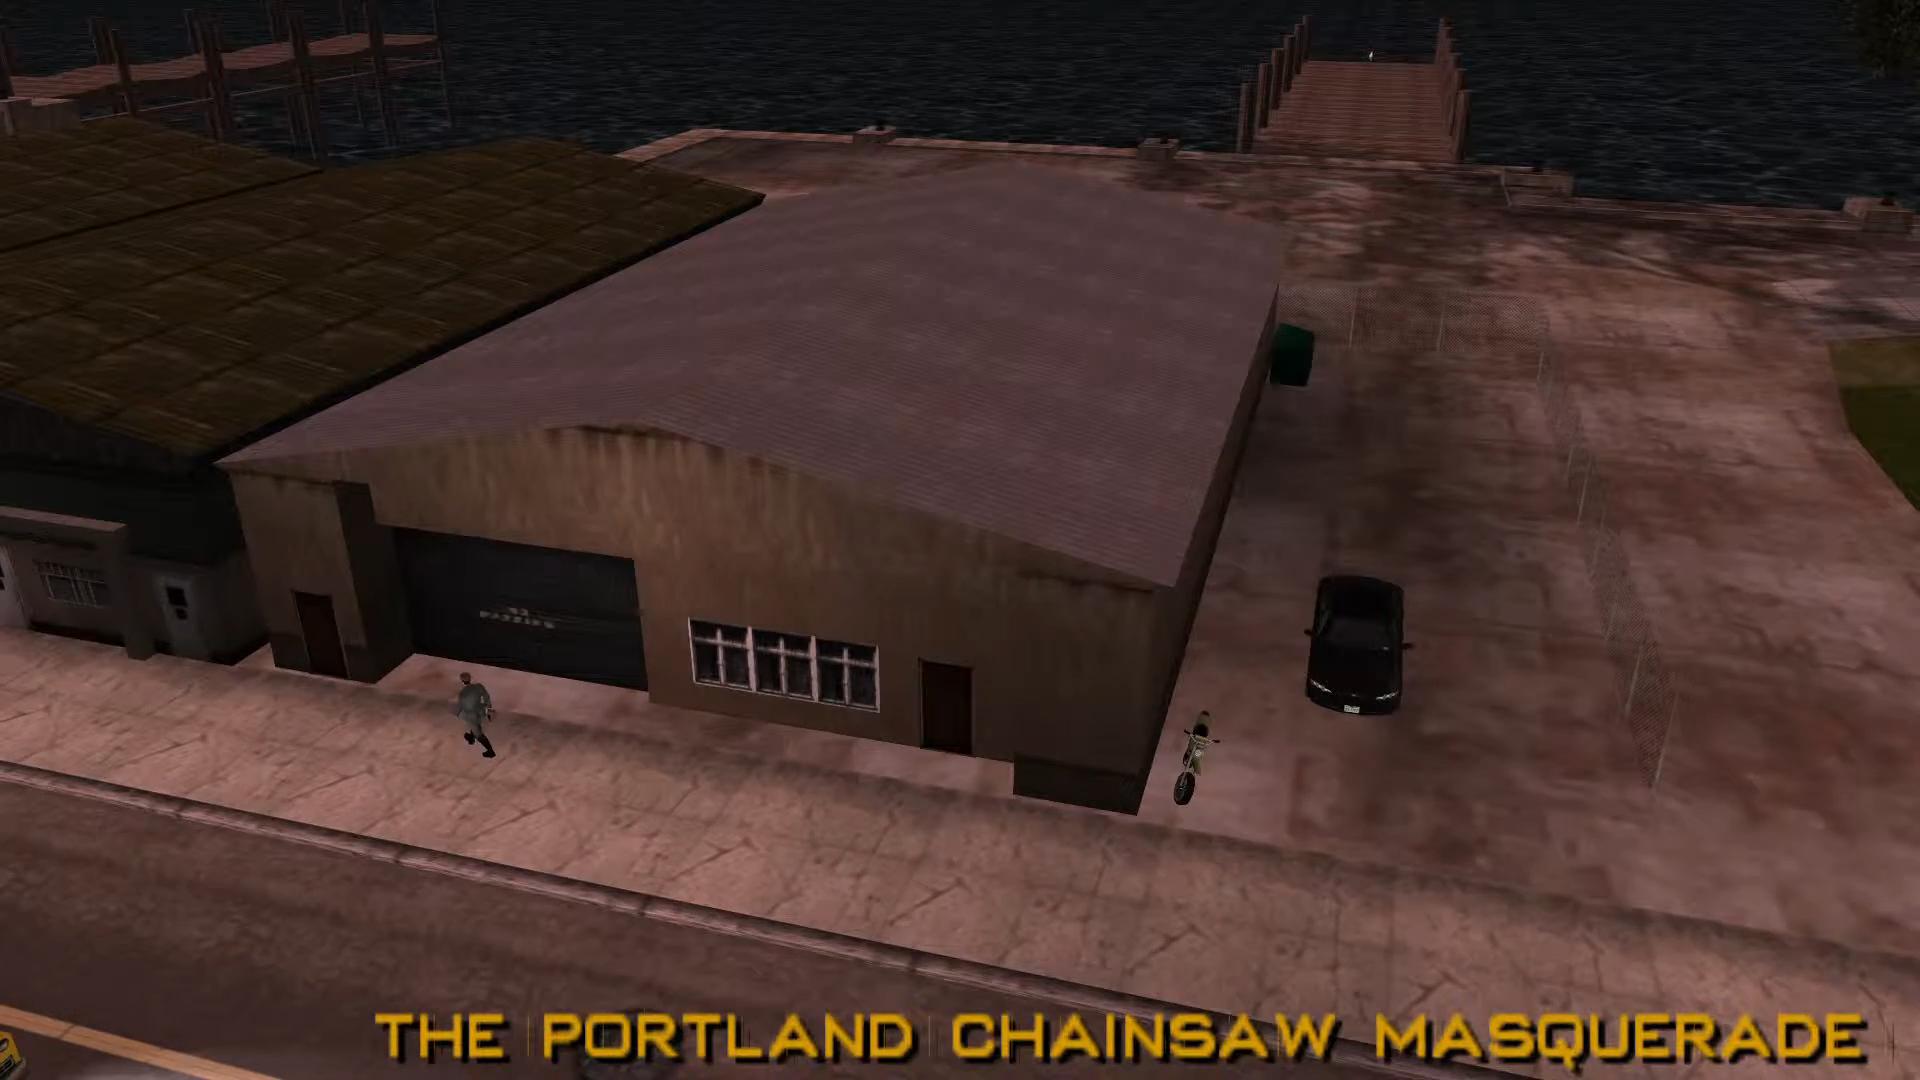 The Portland Chainsaw Masquerade